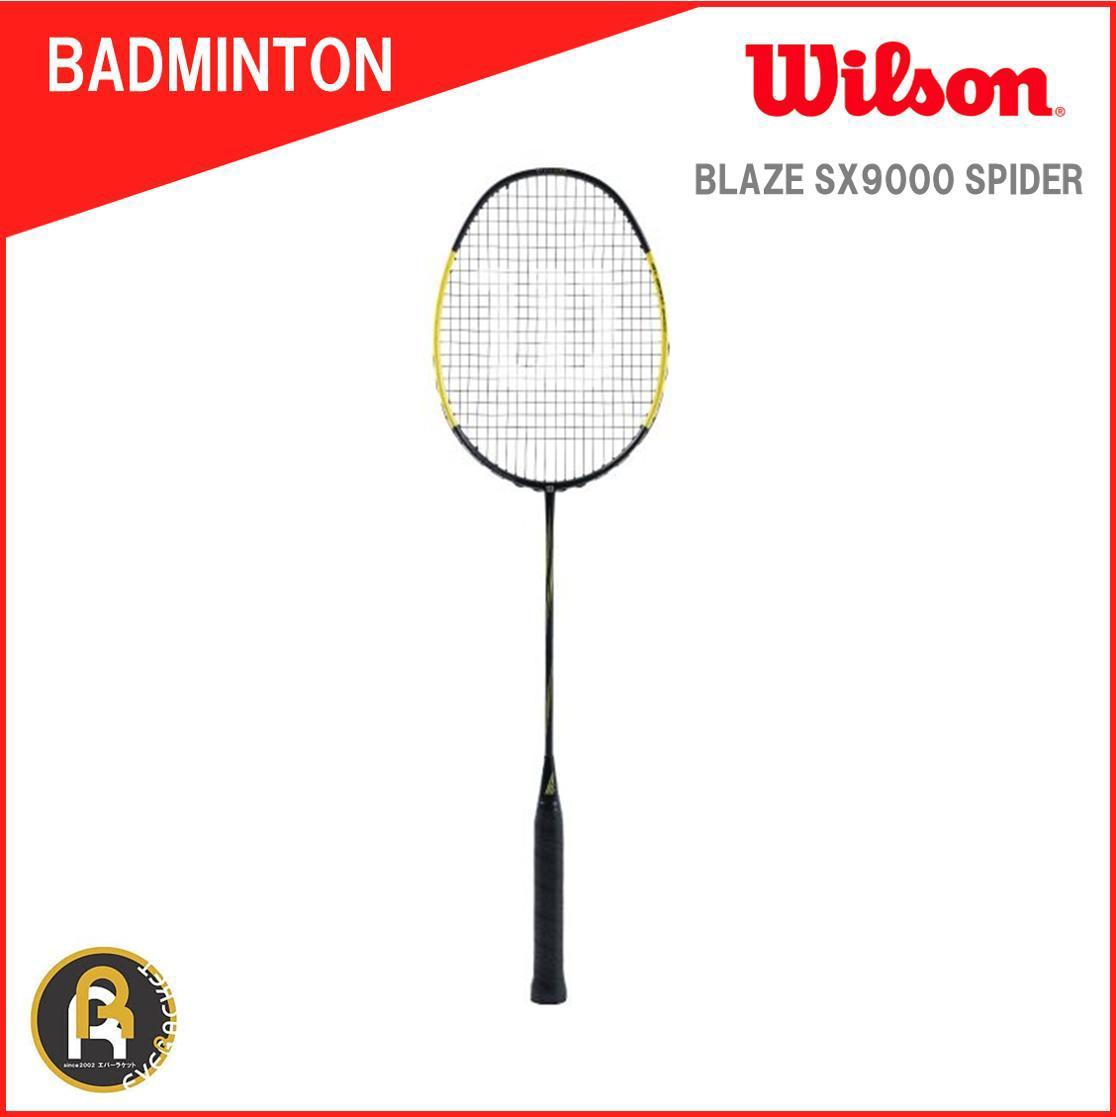 ウイルソン Wilson バドミントン ラケット バドミントンラケット ガット代 張り上げ代無料 BLAZE SX9000 SPIDER ブレイズSX9000スパイダー WRT8825202